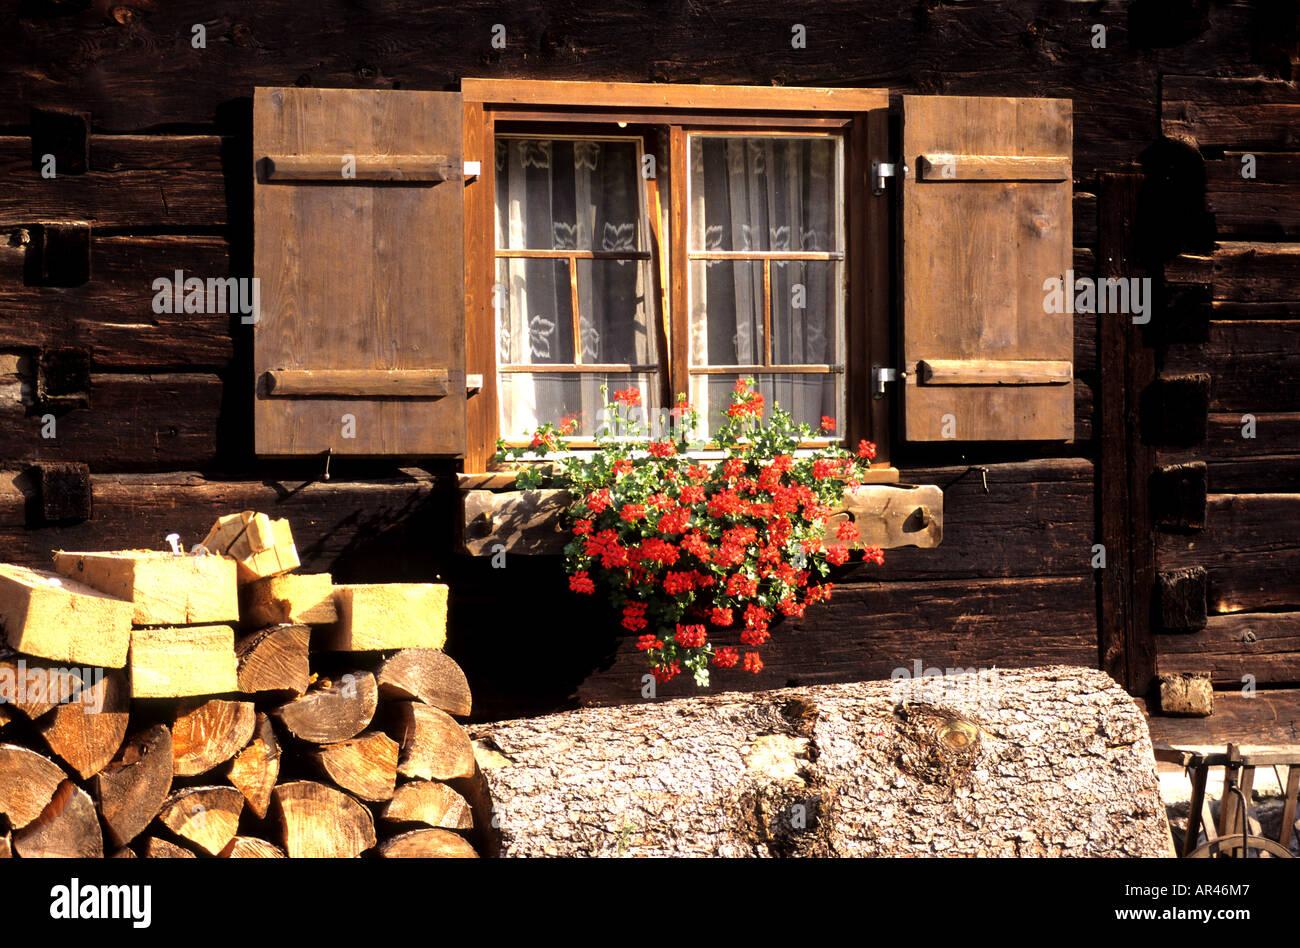 sterreich sterreichische blumen bauernhaus fenster blume stockfoto bild 9104582 alamy. Black Bedroom Furniture Sets. Home Design Ideas